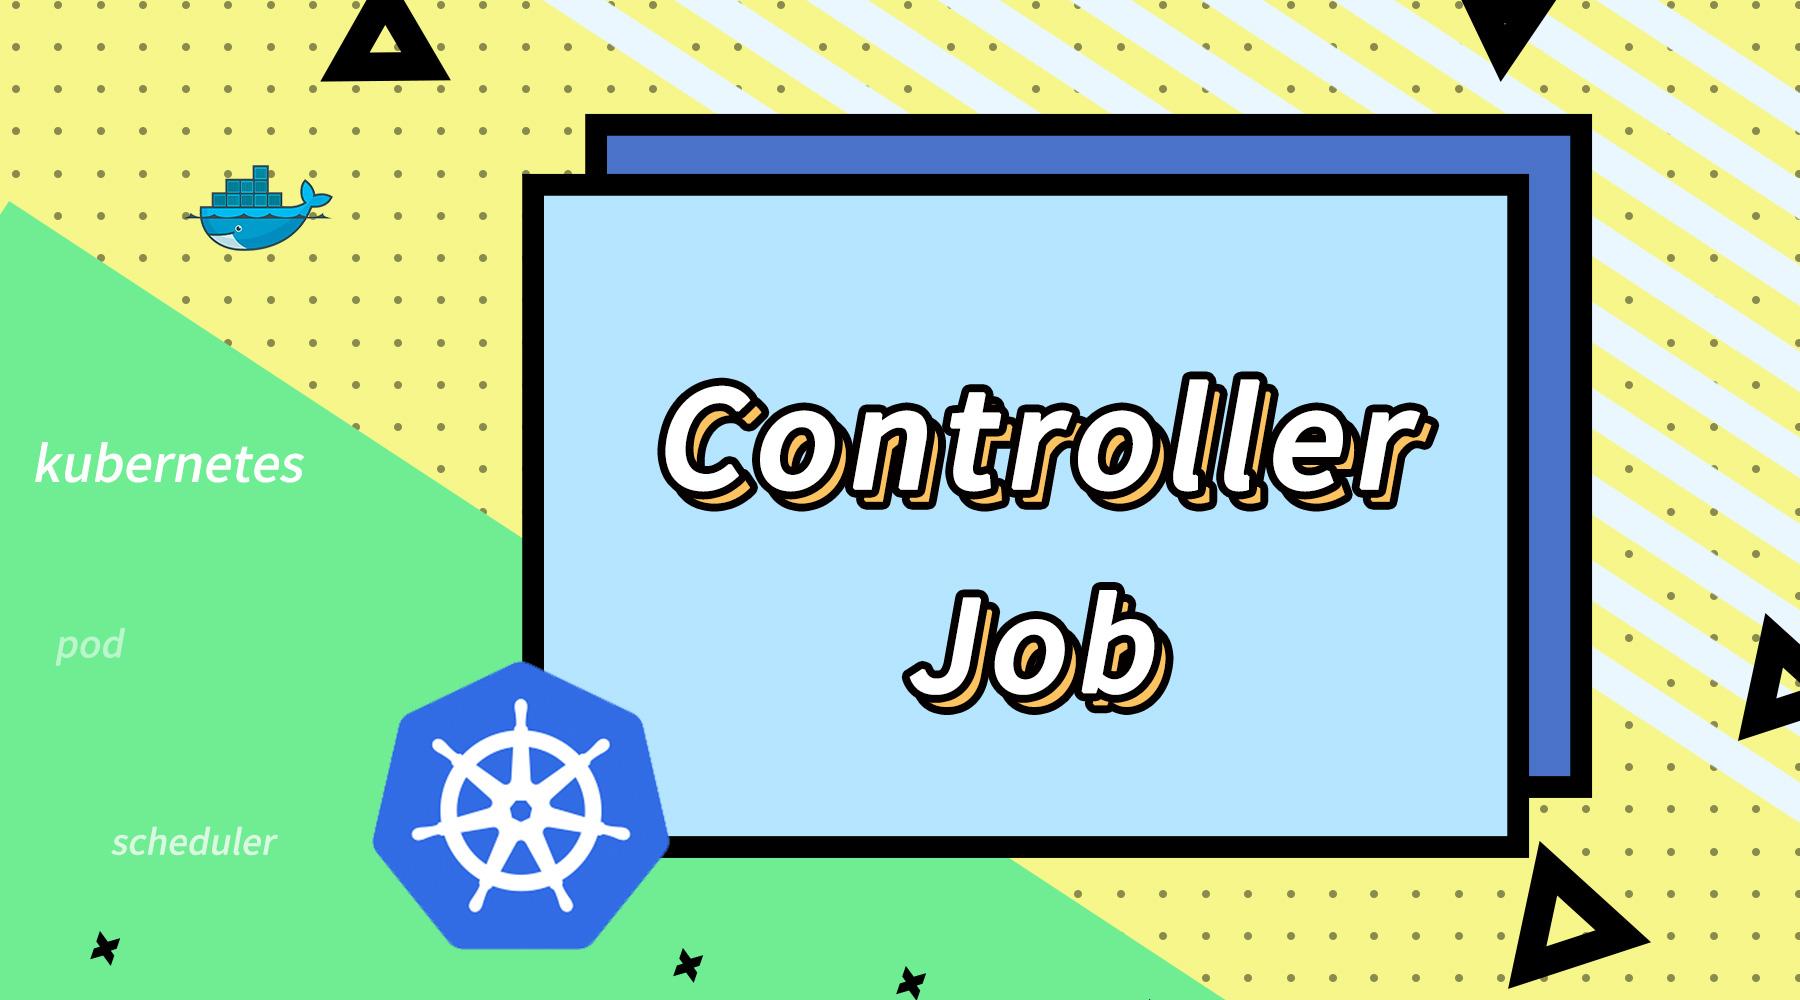 图解kubernetes批处理Job控制器的关键设计_Kubernetes中文社区